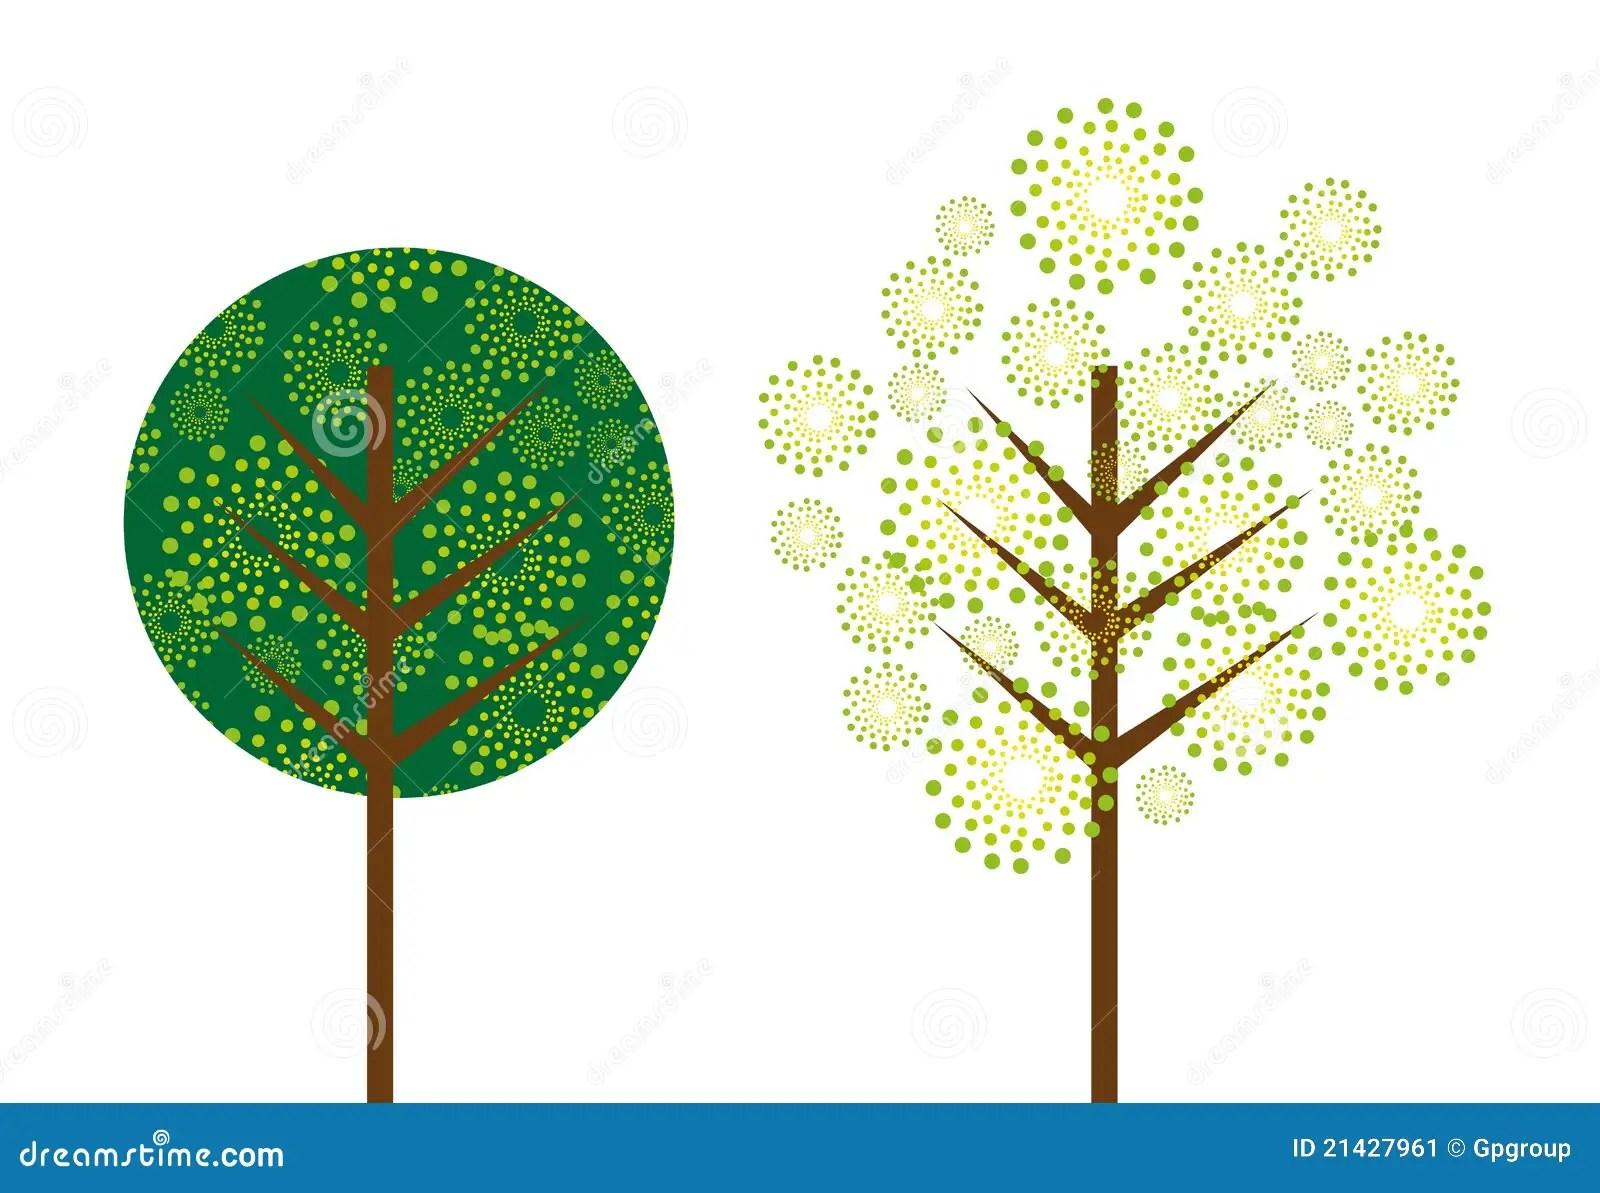 Free Fall Cartoon Wallpaper Cute Tree Stock Image Image 21427961